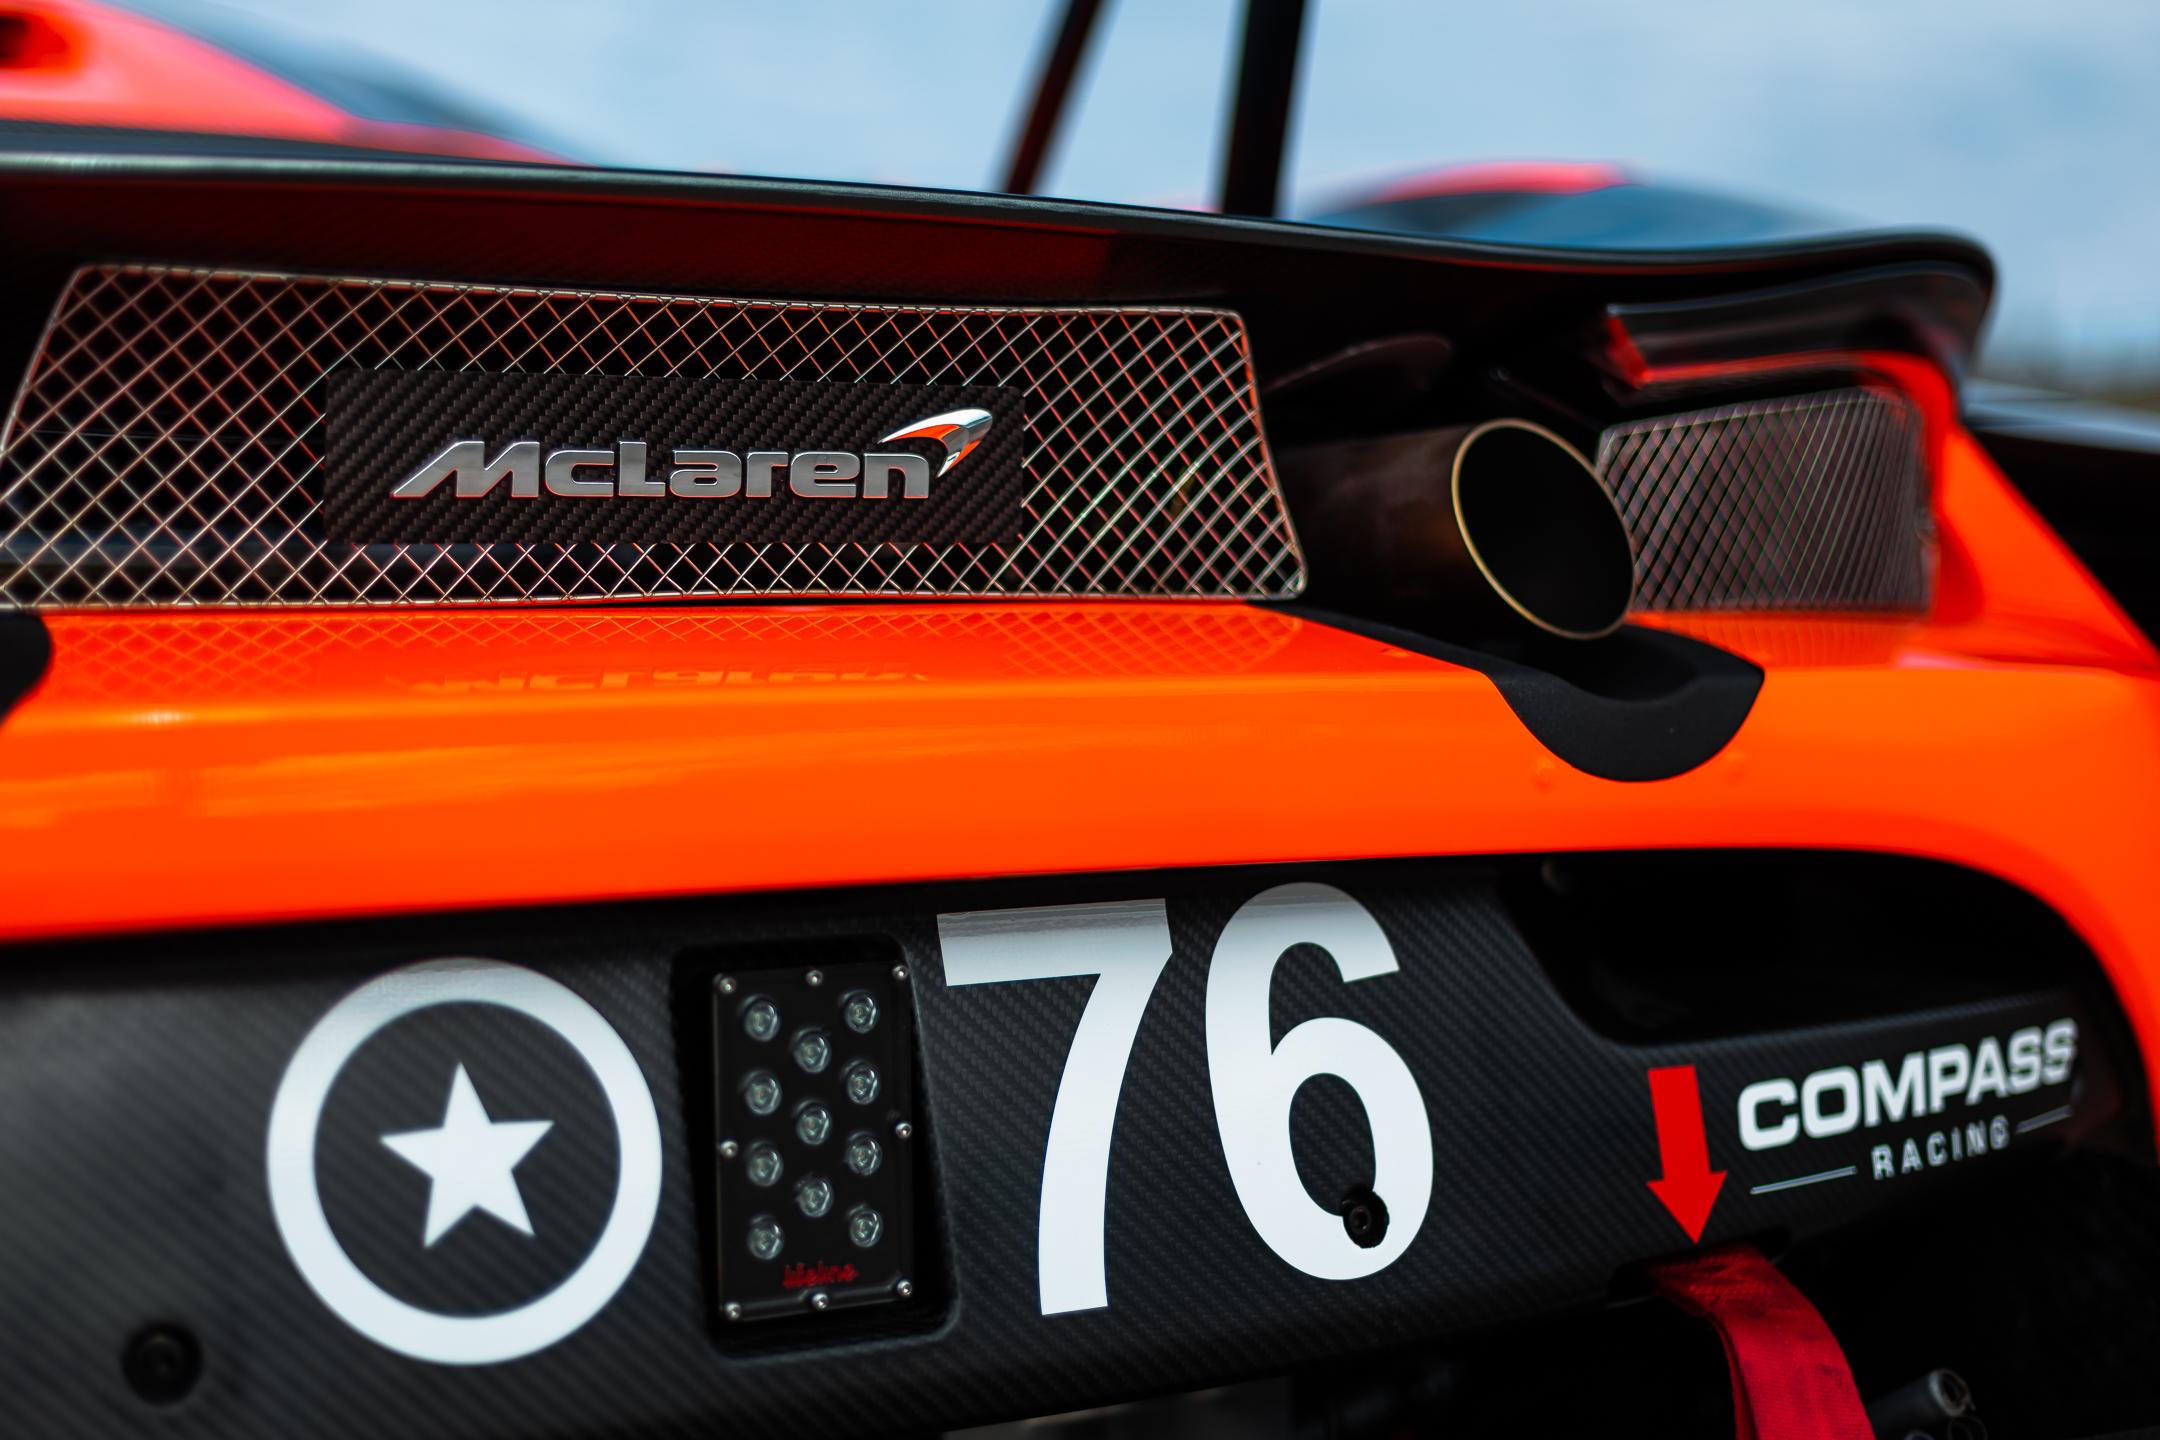 McLaren 720S GT3 - Compass Racing-7731.jpg